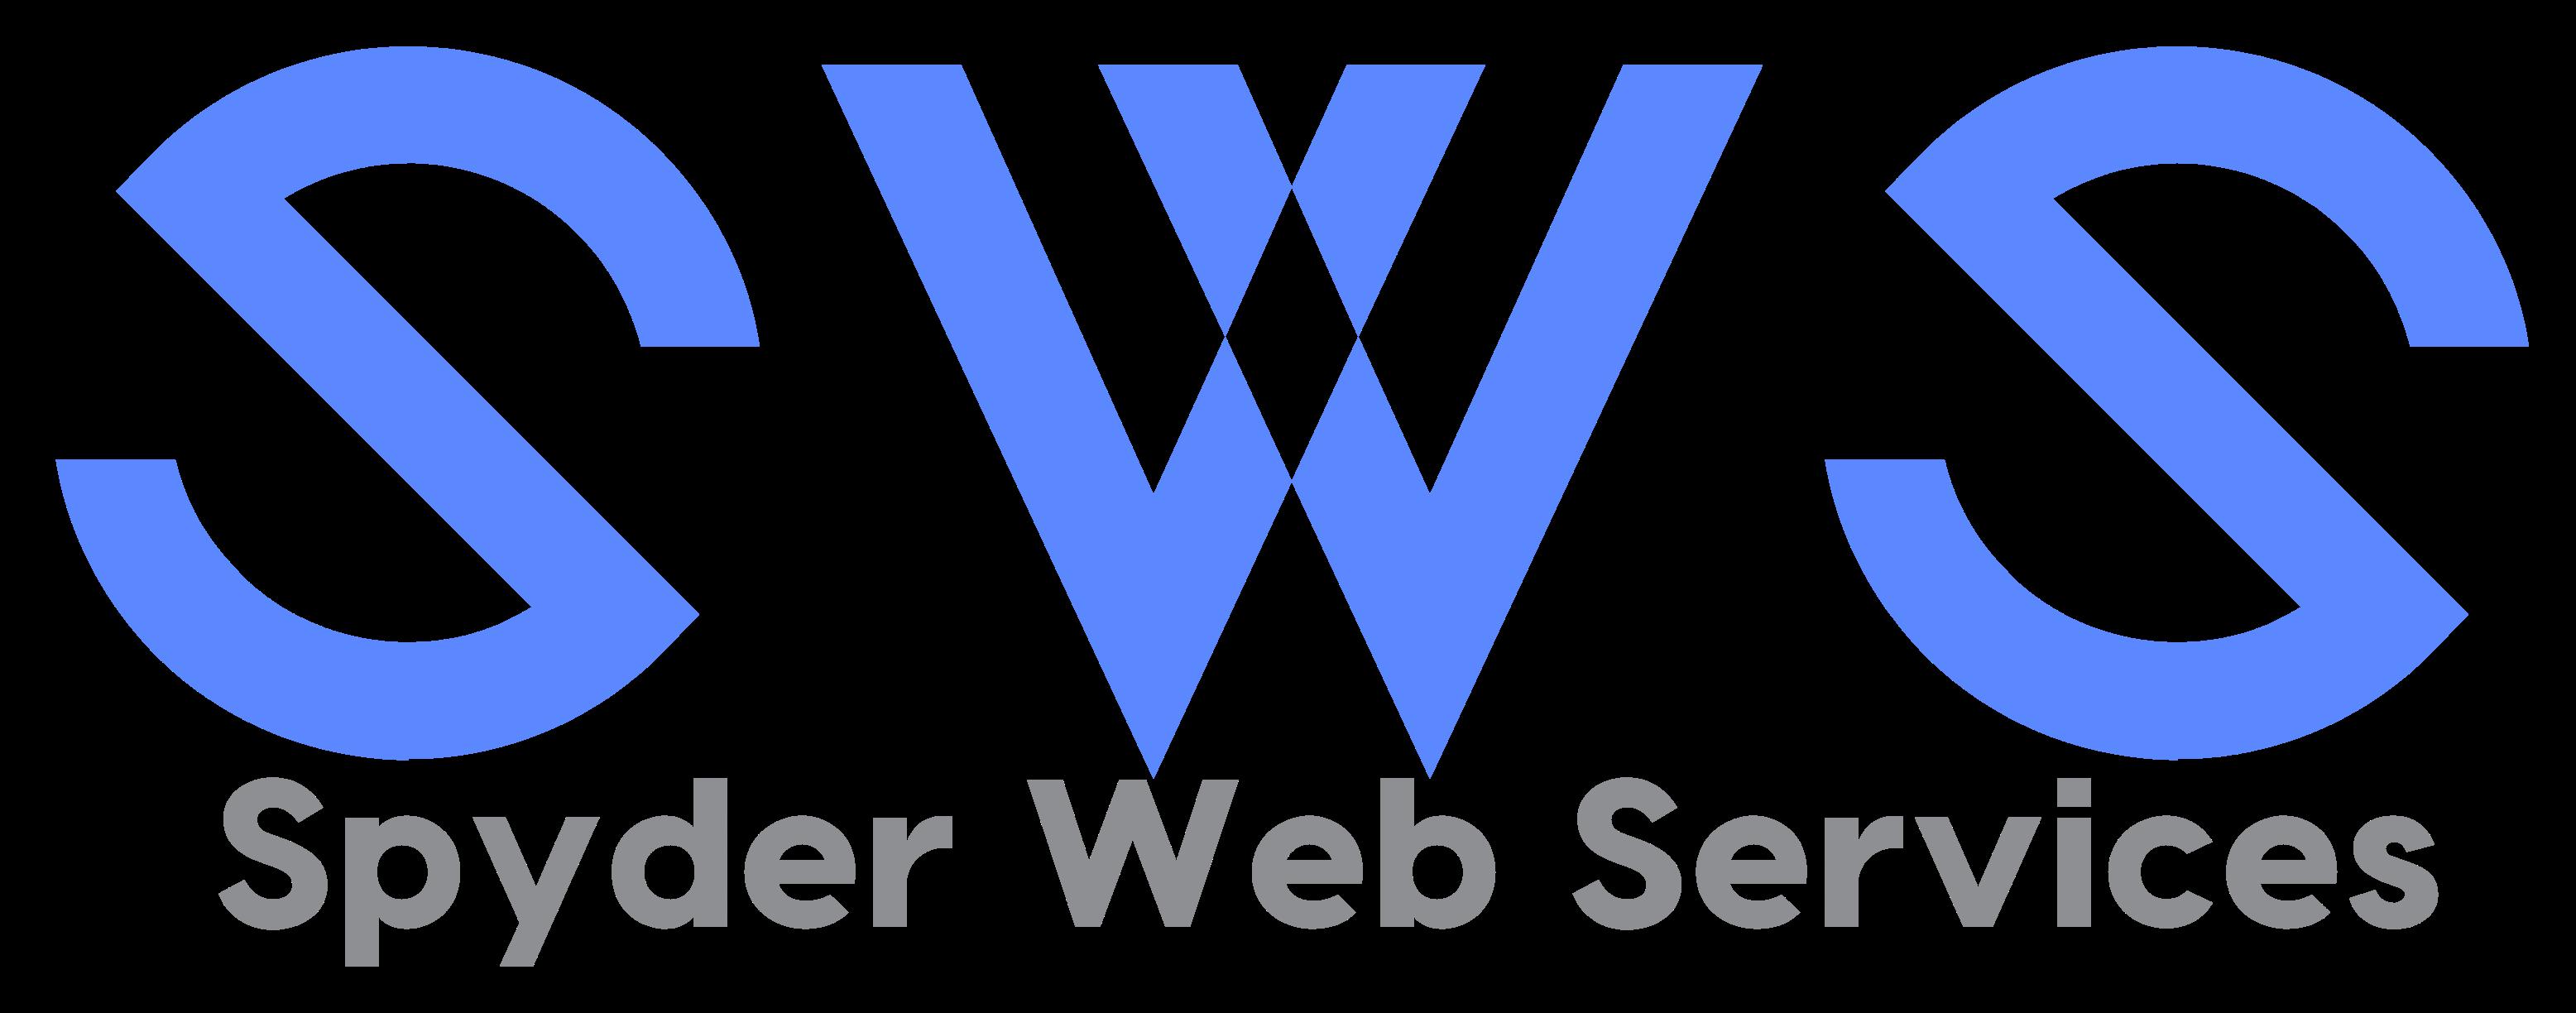 Spyder Web Services